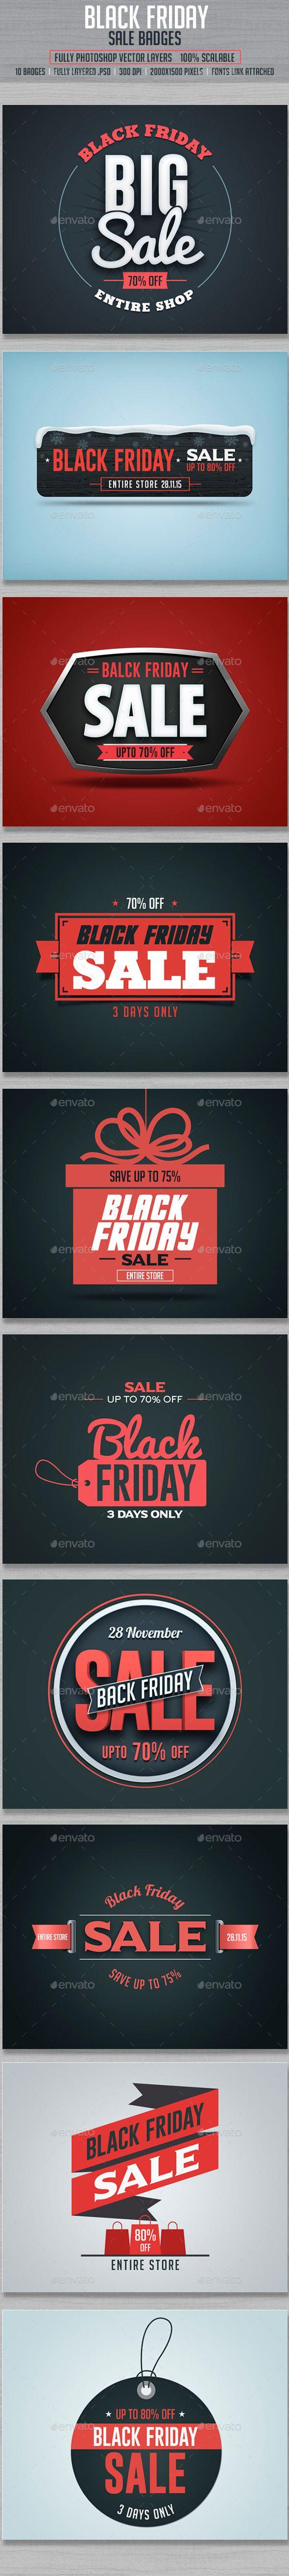 Black Friday Sale Badges Template PSD #design Download: http://graphicriver.net/item/black-friday-sale-badges/13423140?ref=ksioks